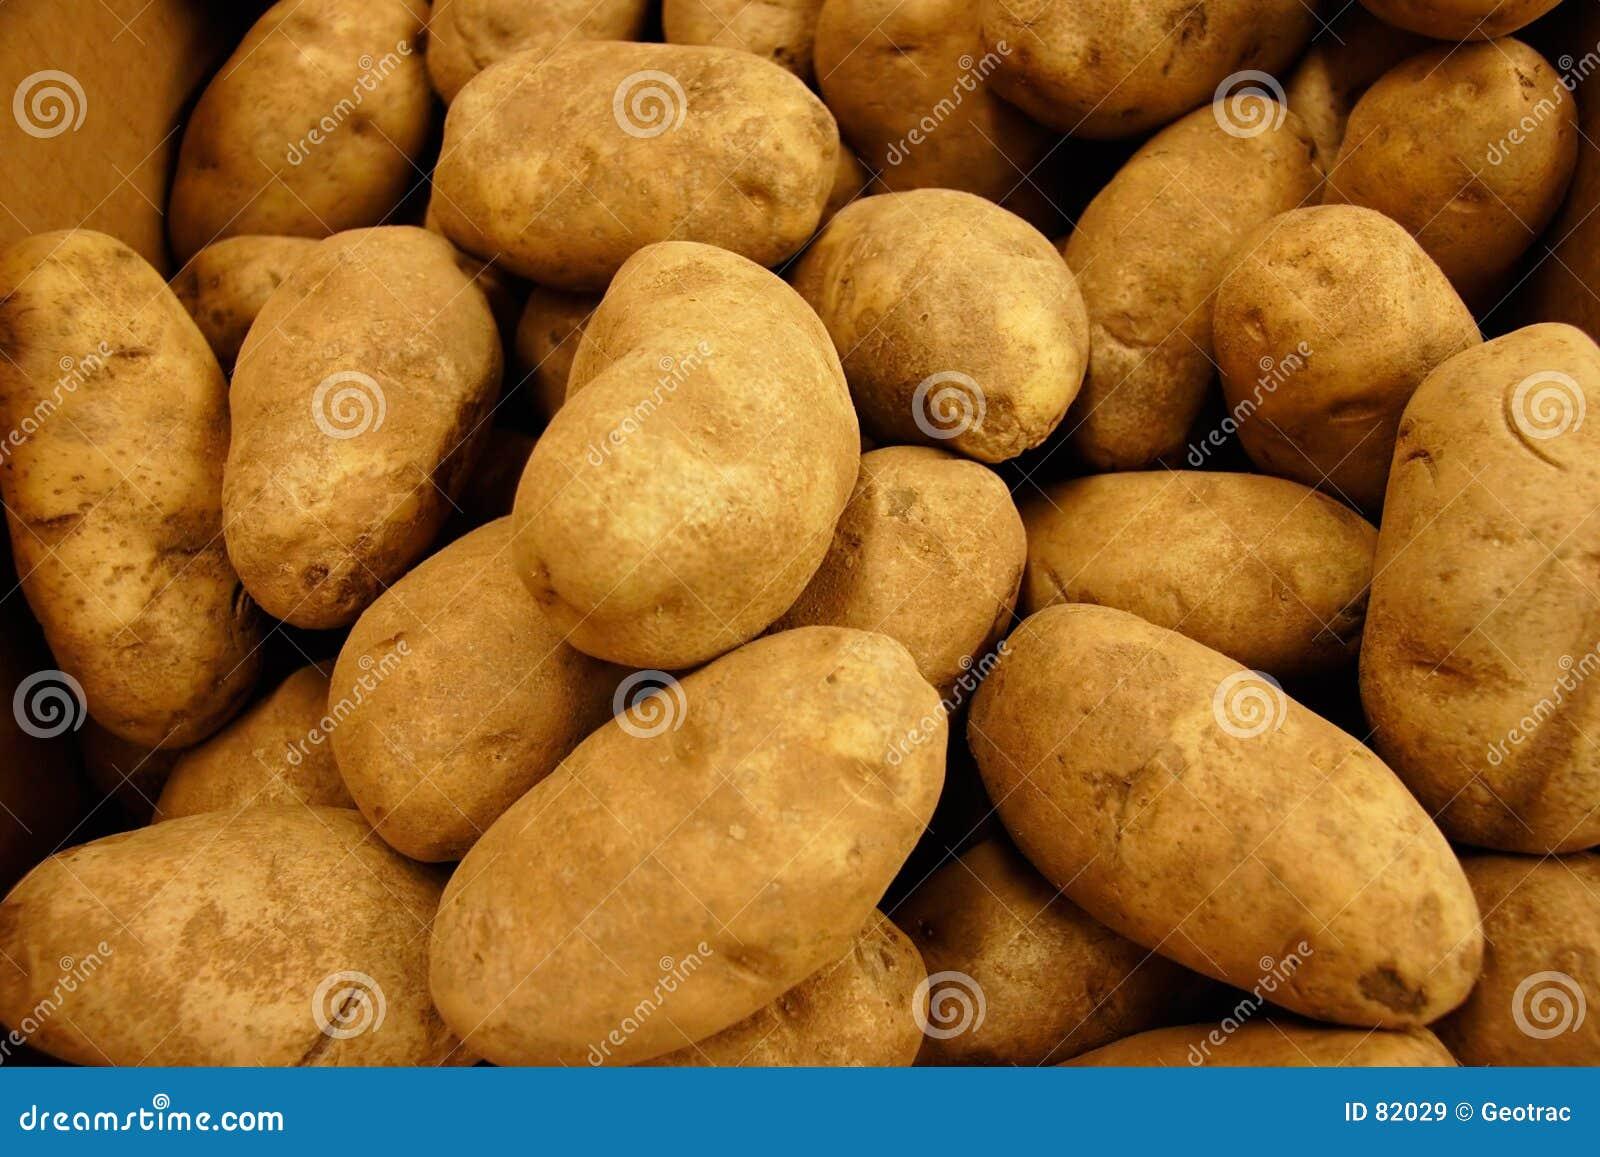 Złoty rdzawienia ziemniaka